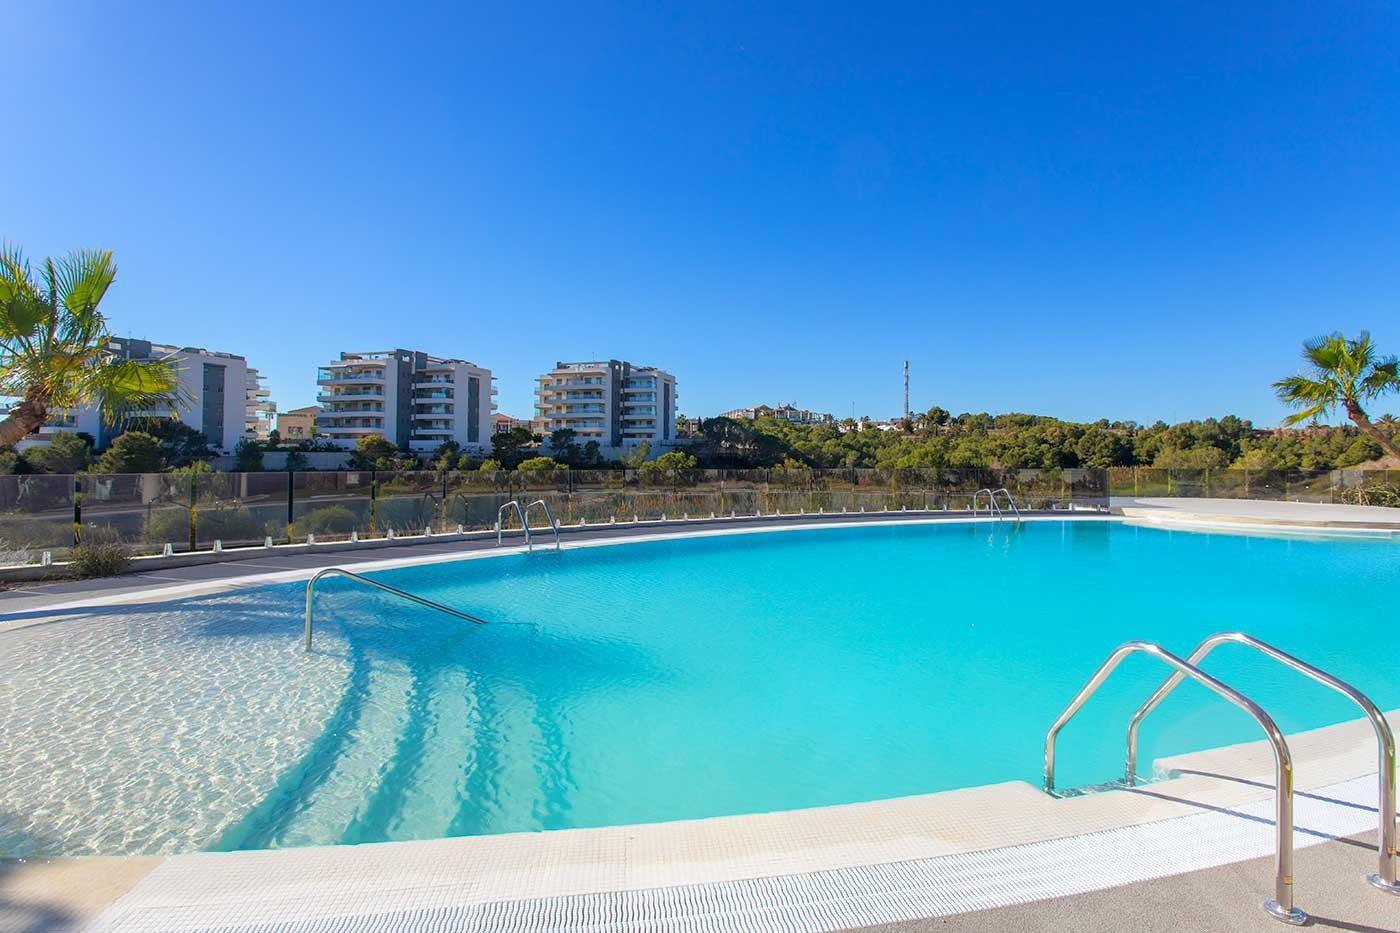 Complejo de estilo moderno con apartamentos de 2,3 dormitorios y 2 baños con amplias terra - imagenInmueble15